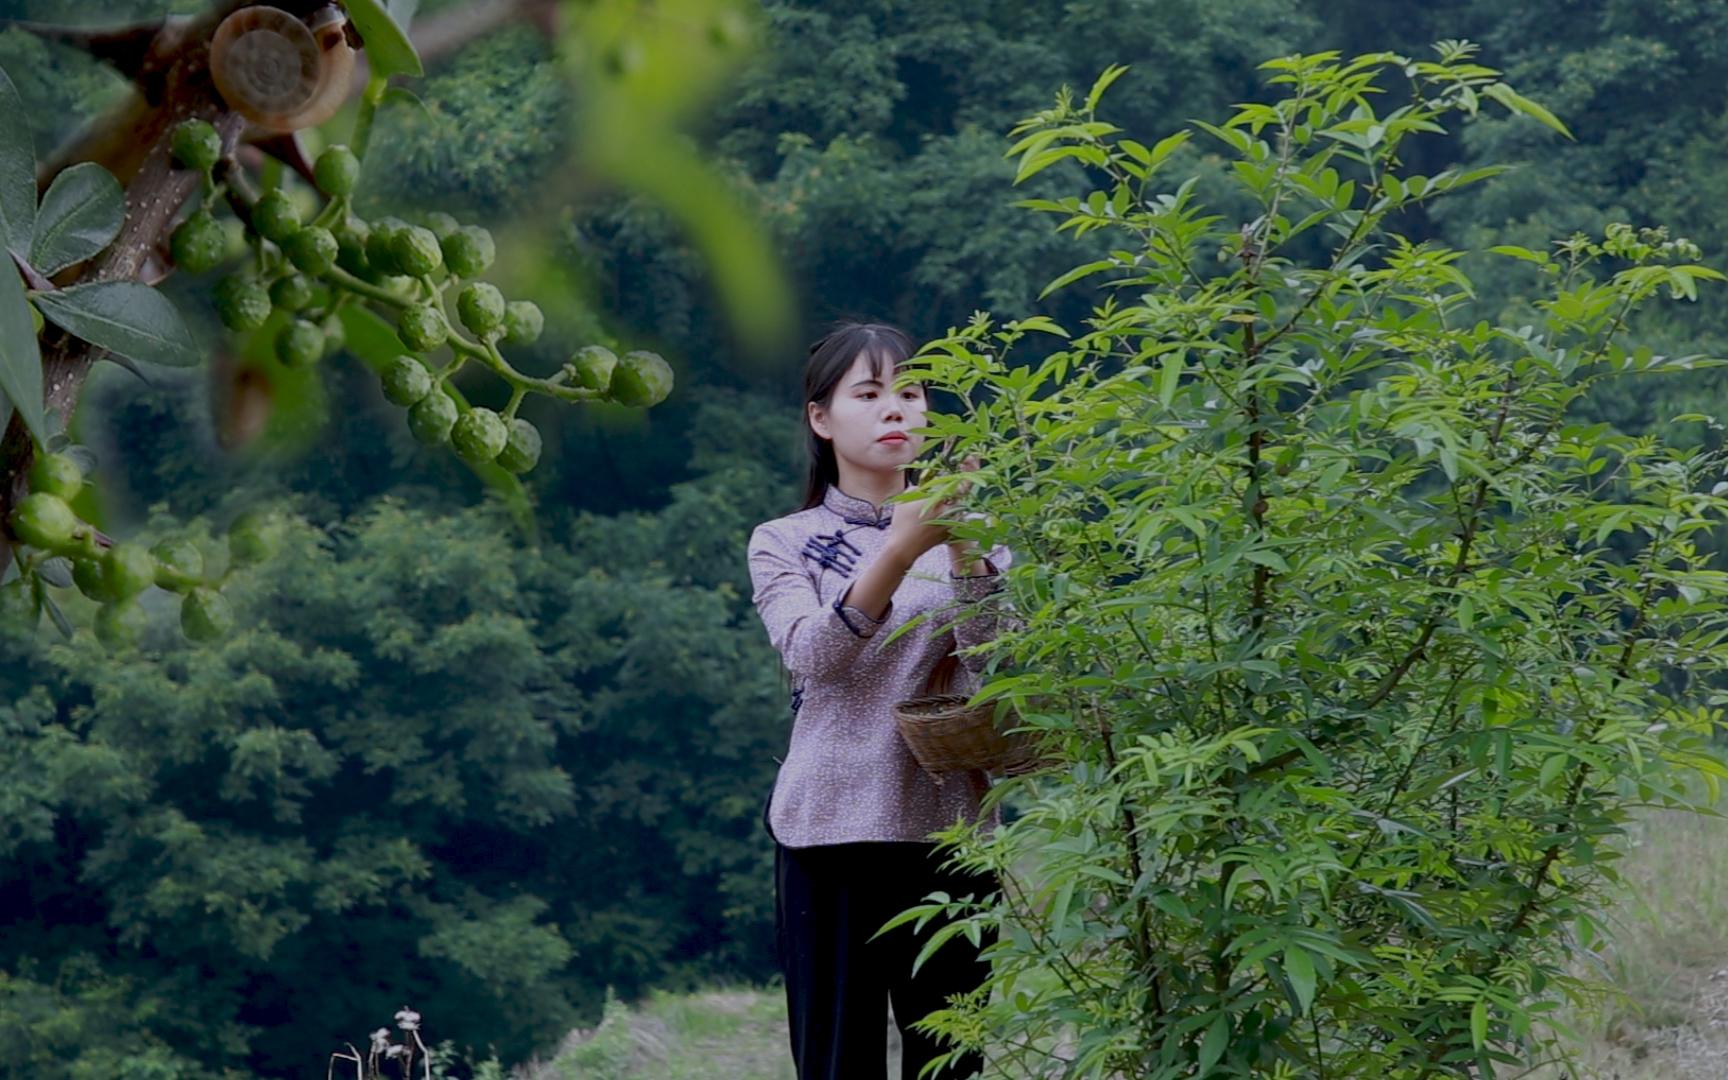 川菜的灵魂,神奇的调味料--藤椒